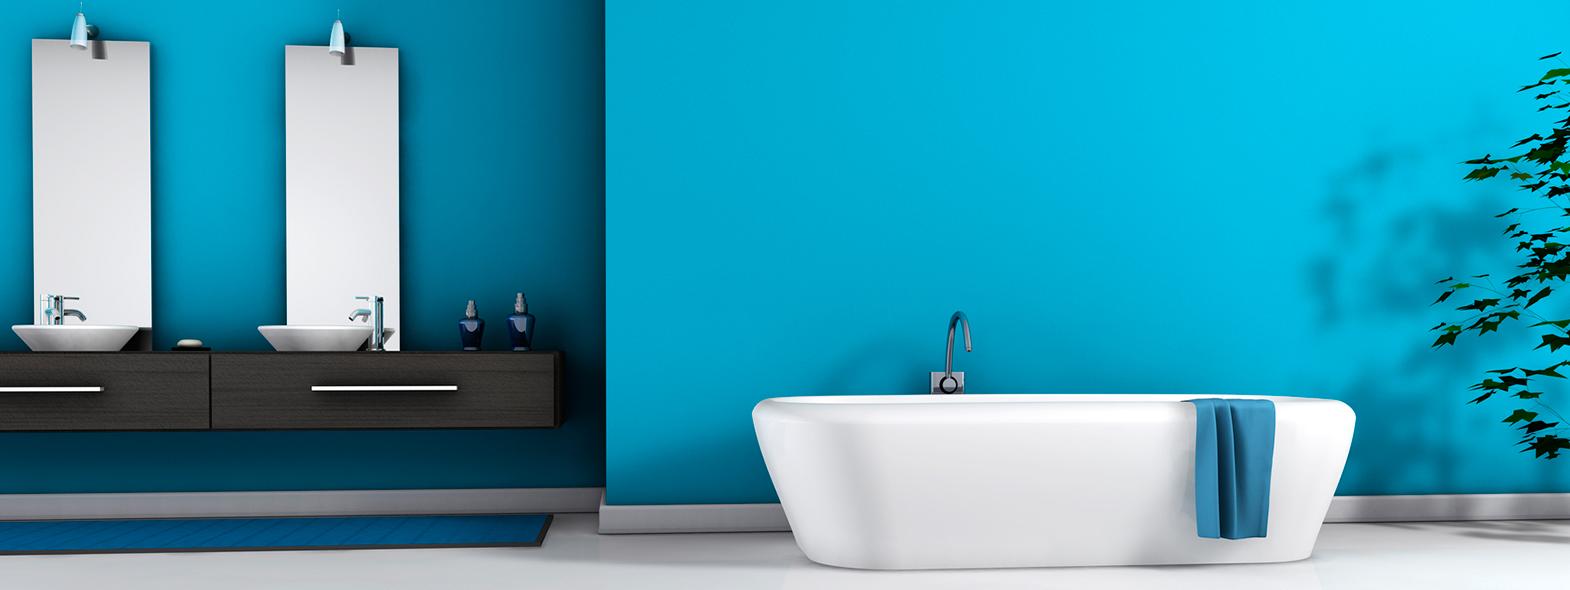 murs de votre salle de bain